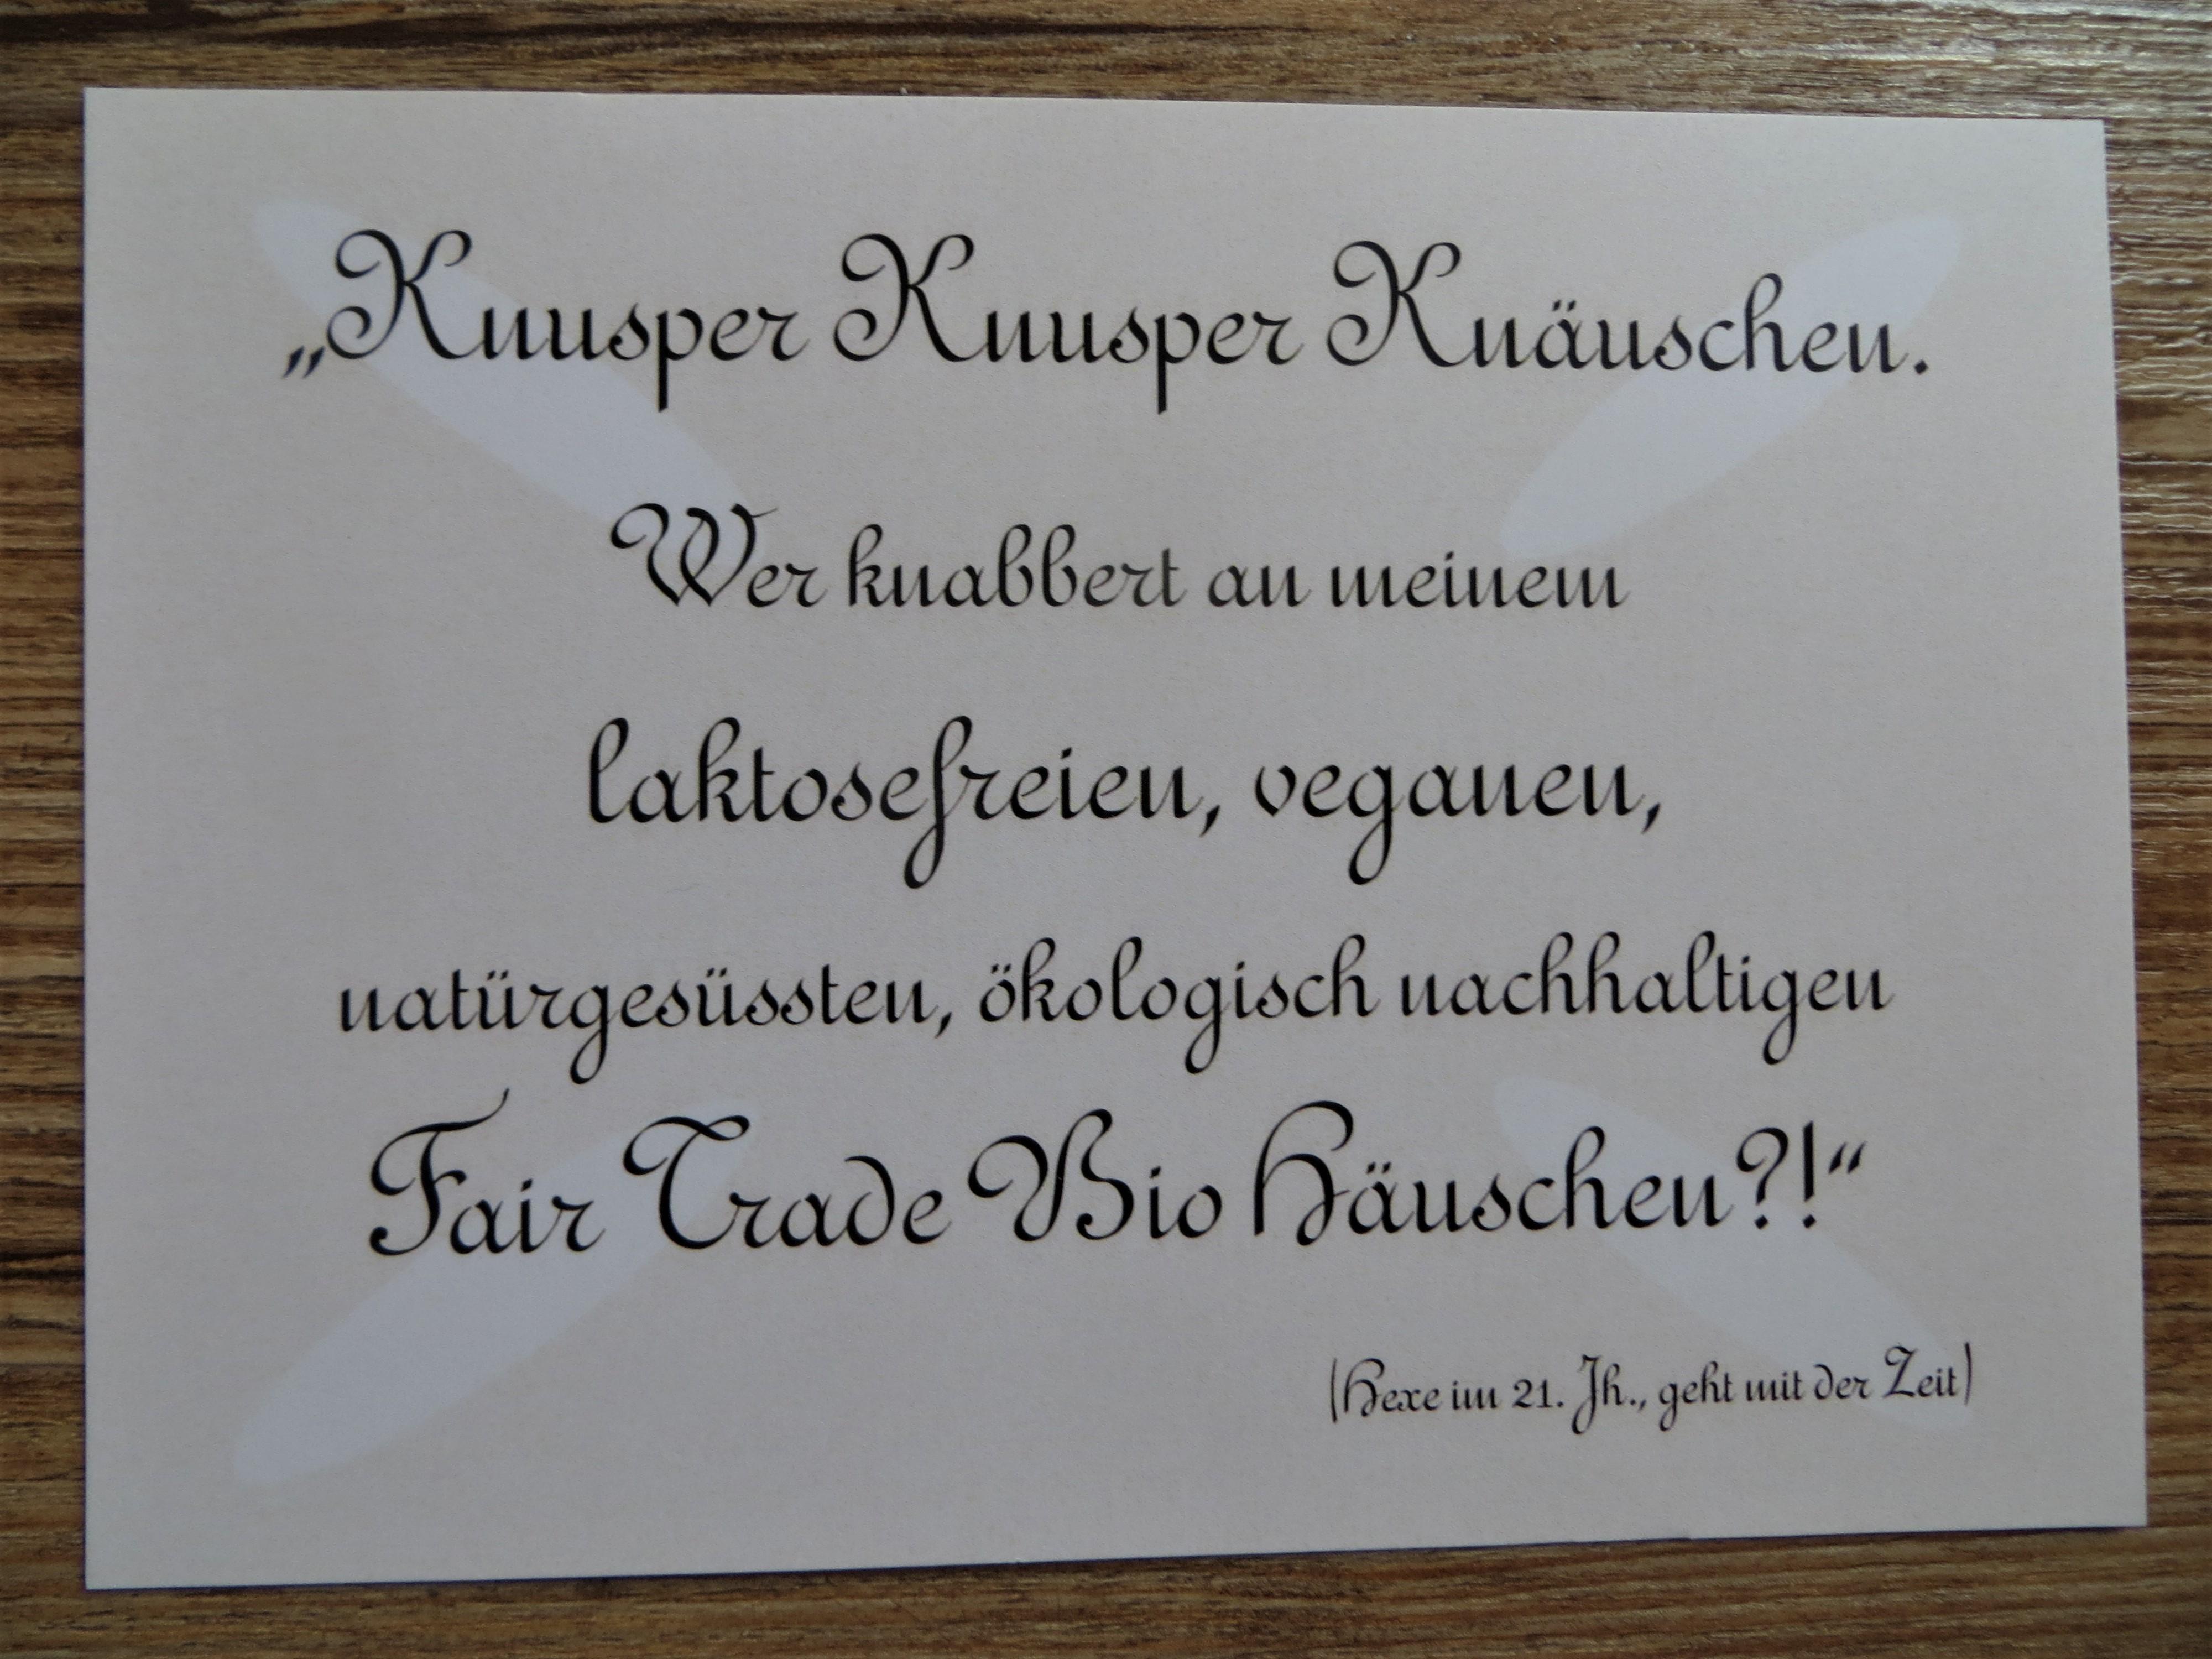 Nützlichgrusskarten - Karte Postkarte Knusper Knusper Knäuschen. - Onlineshop Tante Emmer